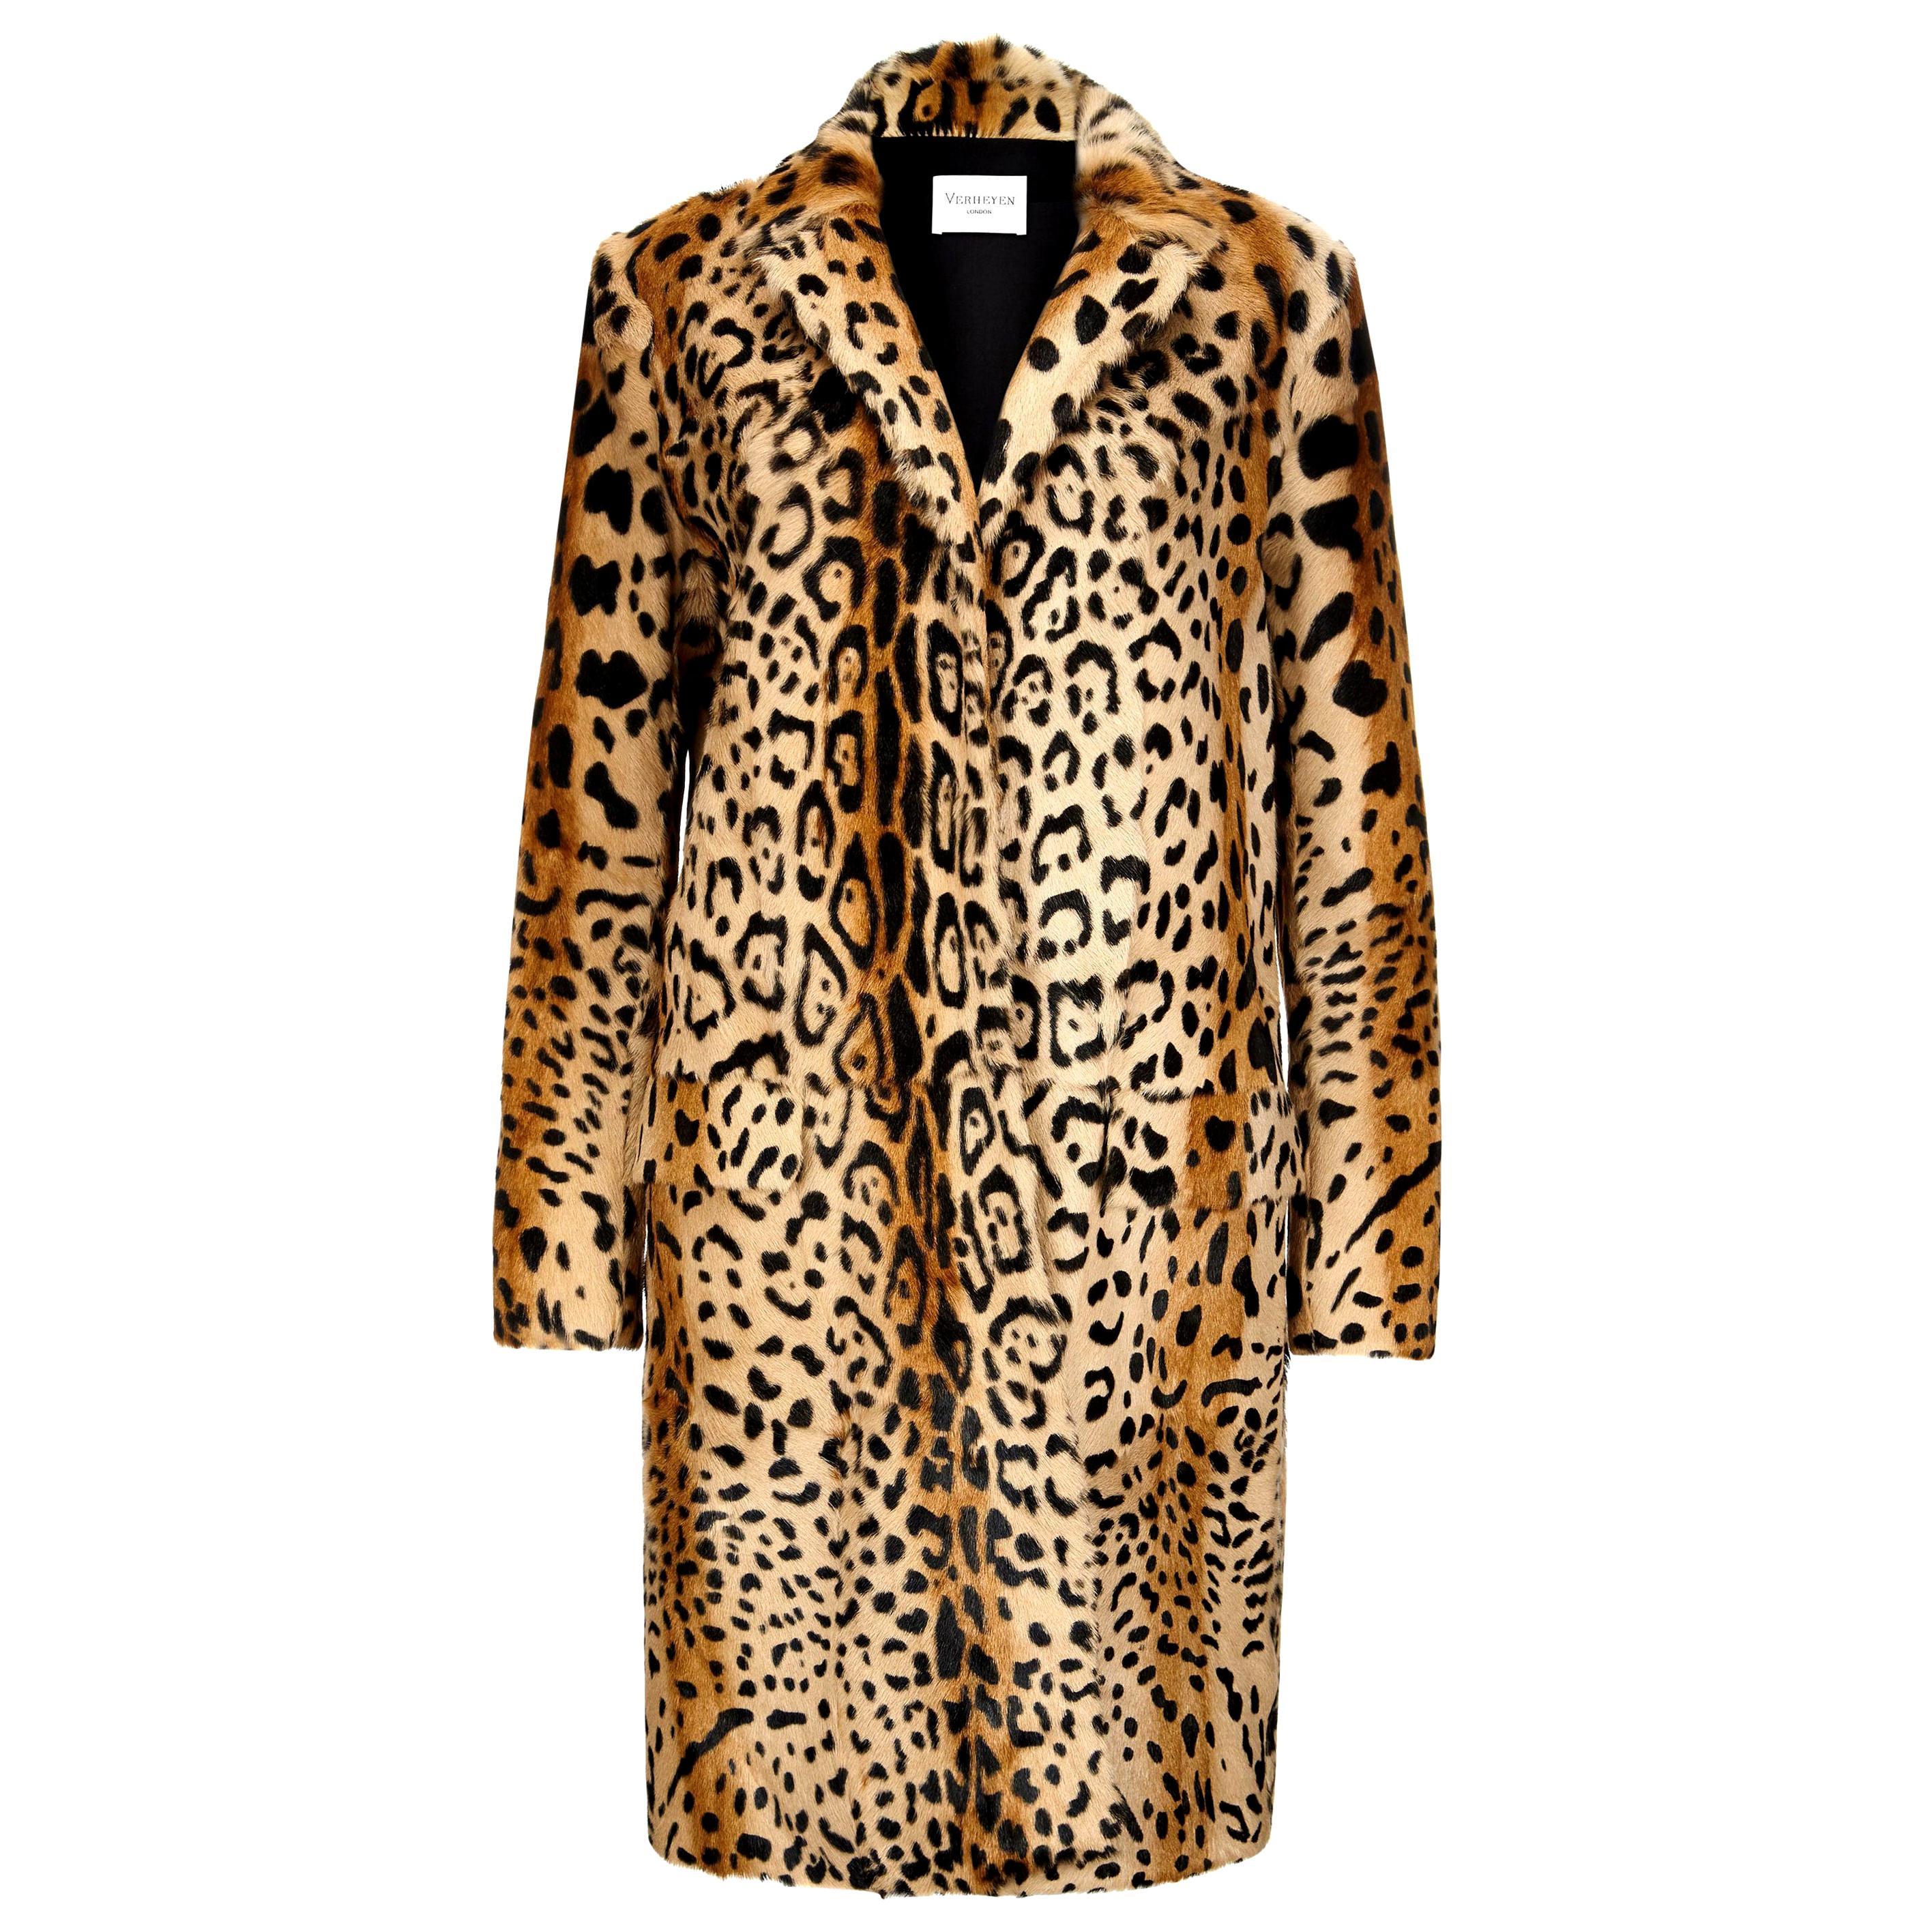 Verheyen London Leopard Print Coat in Natural Goat Hair Fur UK 12 - Brand New